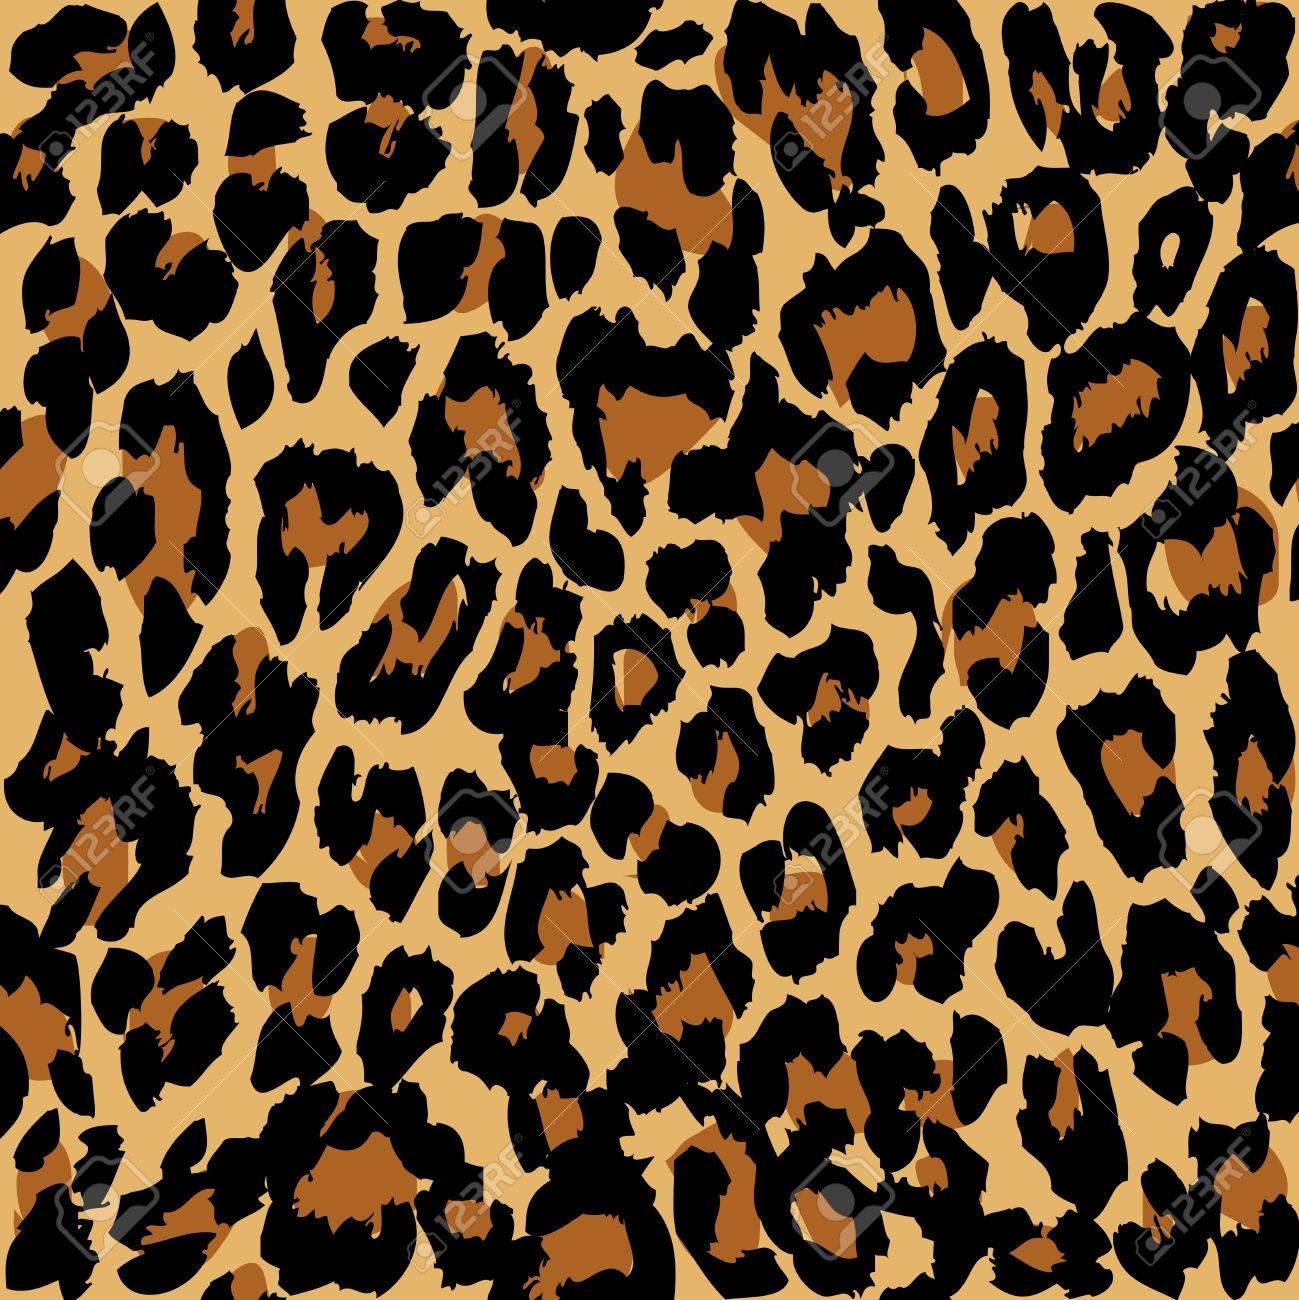 Leopard pattern. Vector. - 62744806